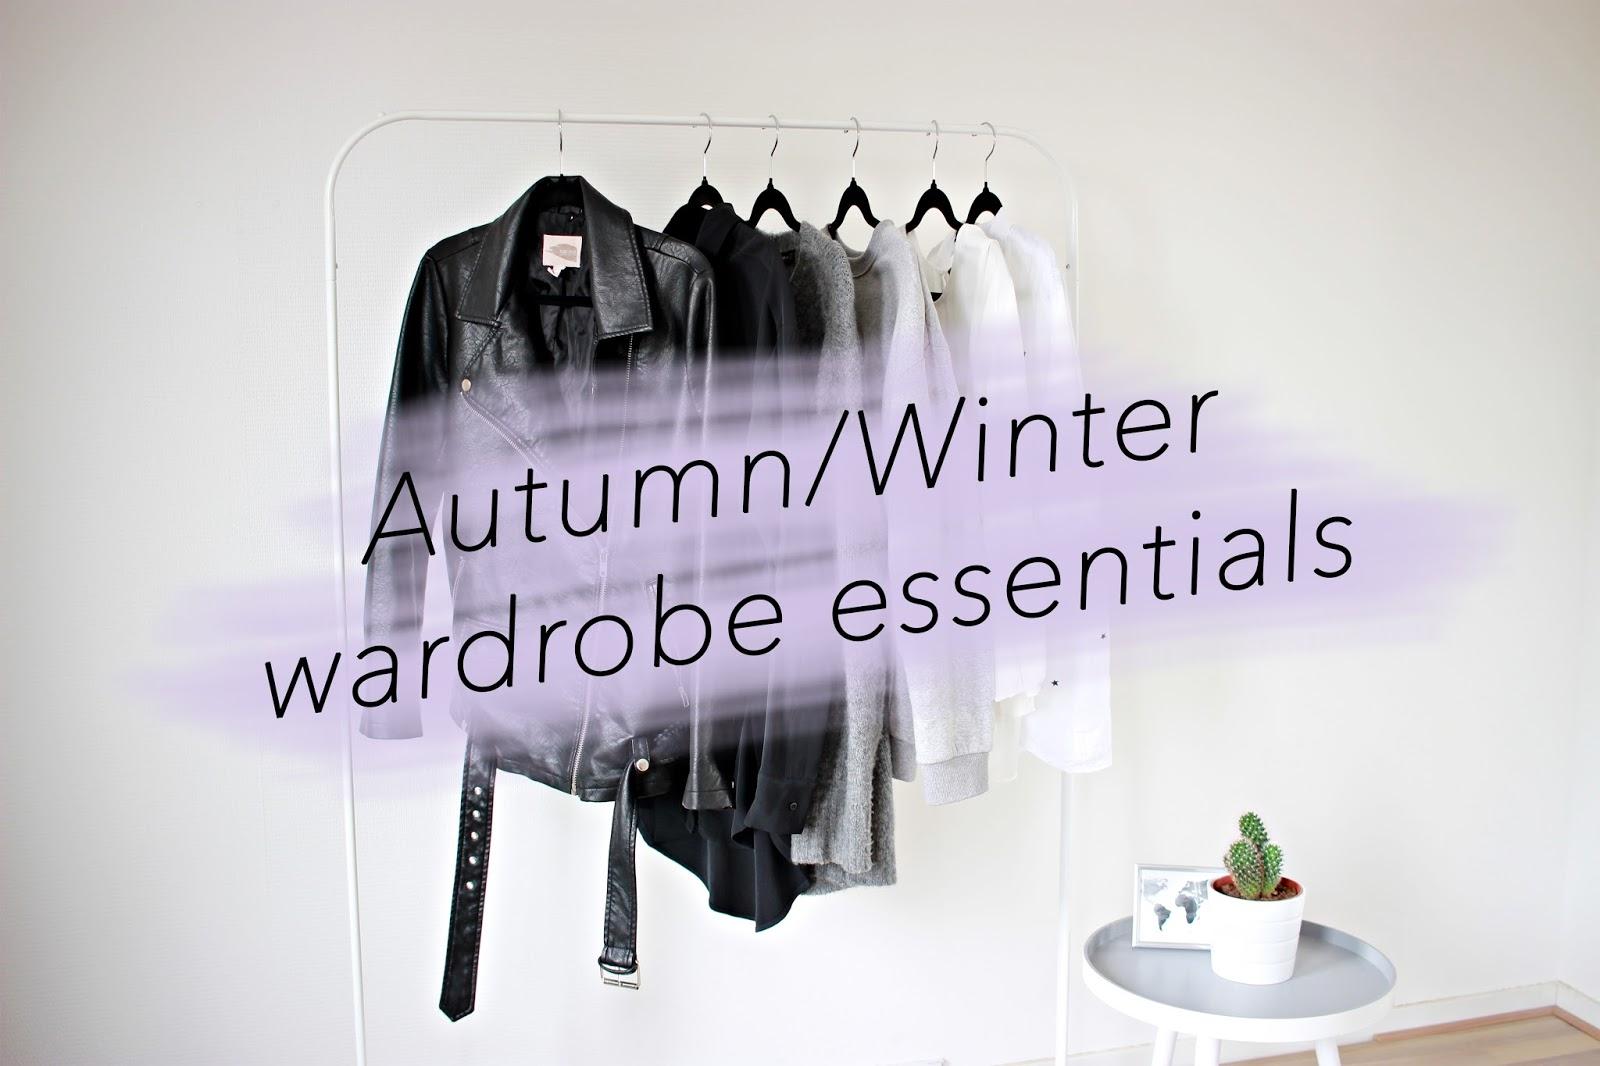 ESSENTIALS | AUTUMN/WINTER WARDROBE ESSENTIALS